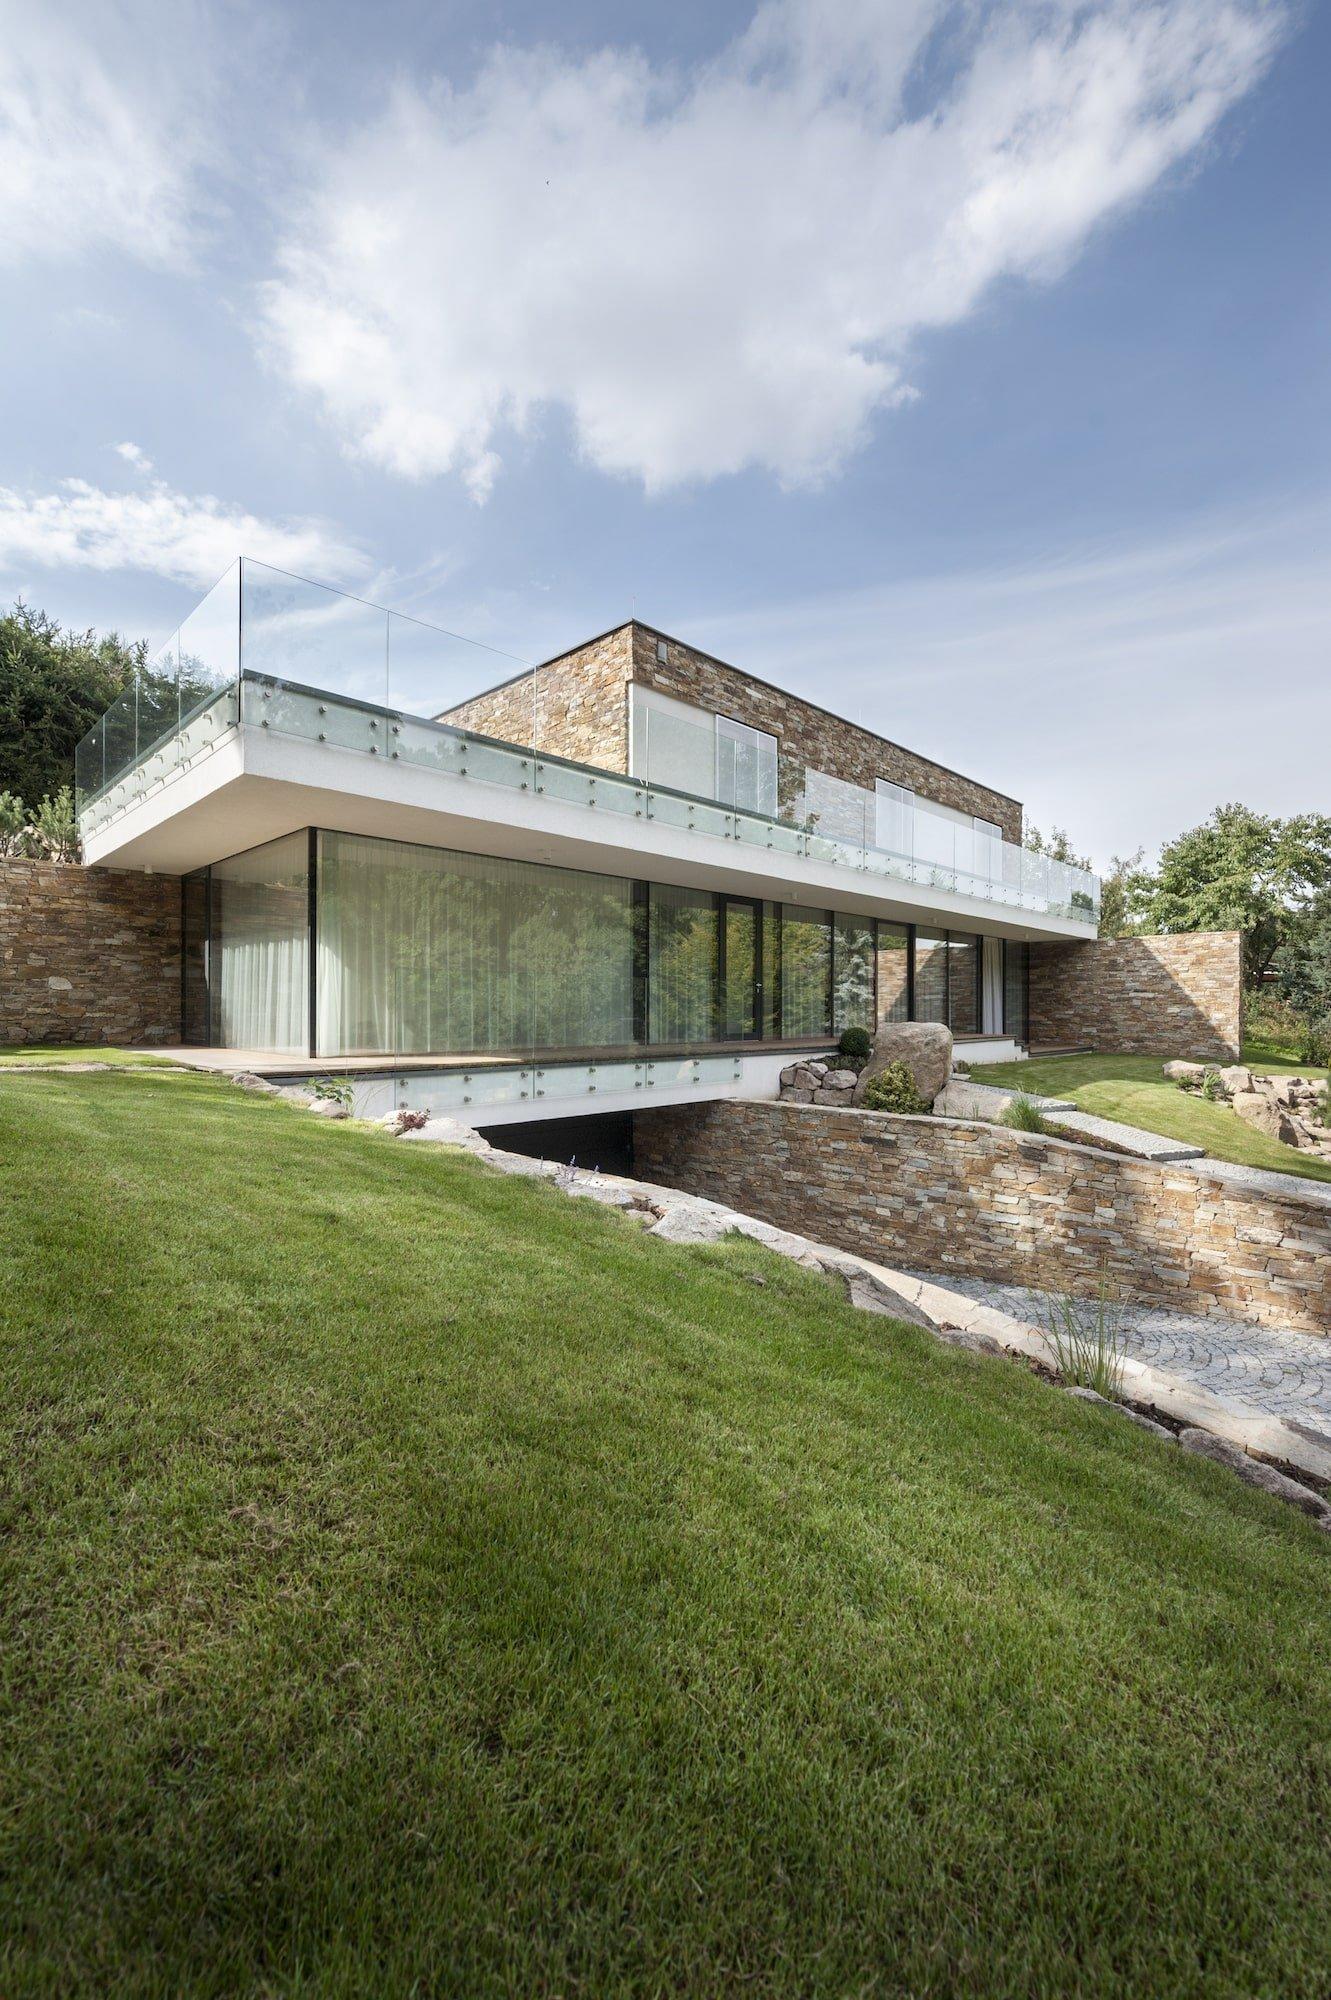 Rodinný dům byl postaven na z velké části zalesněném pozemku v blízkosti rybníka, který se nachází v otevřenější části parcely. Cílem projektu bylo vsadit hmotu nového domu do terénu tak, aby splynul s okolní zahradou a svahem.